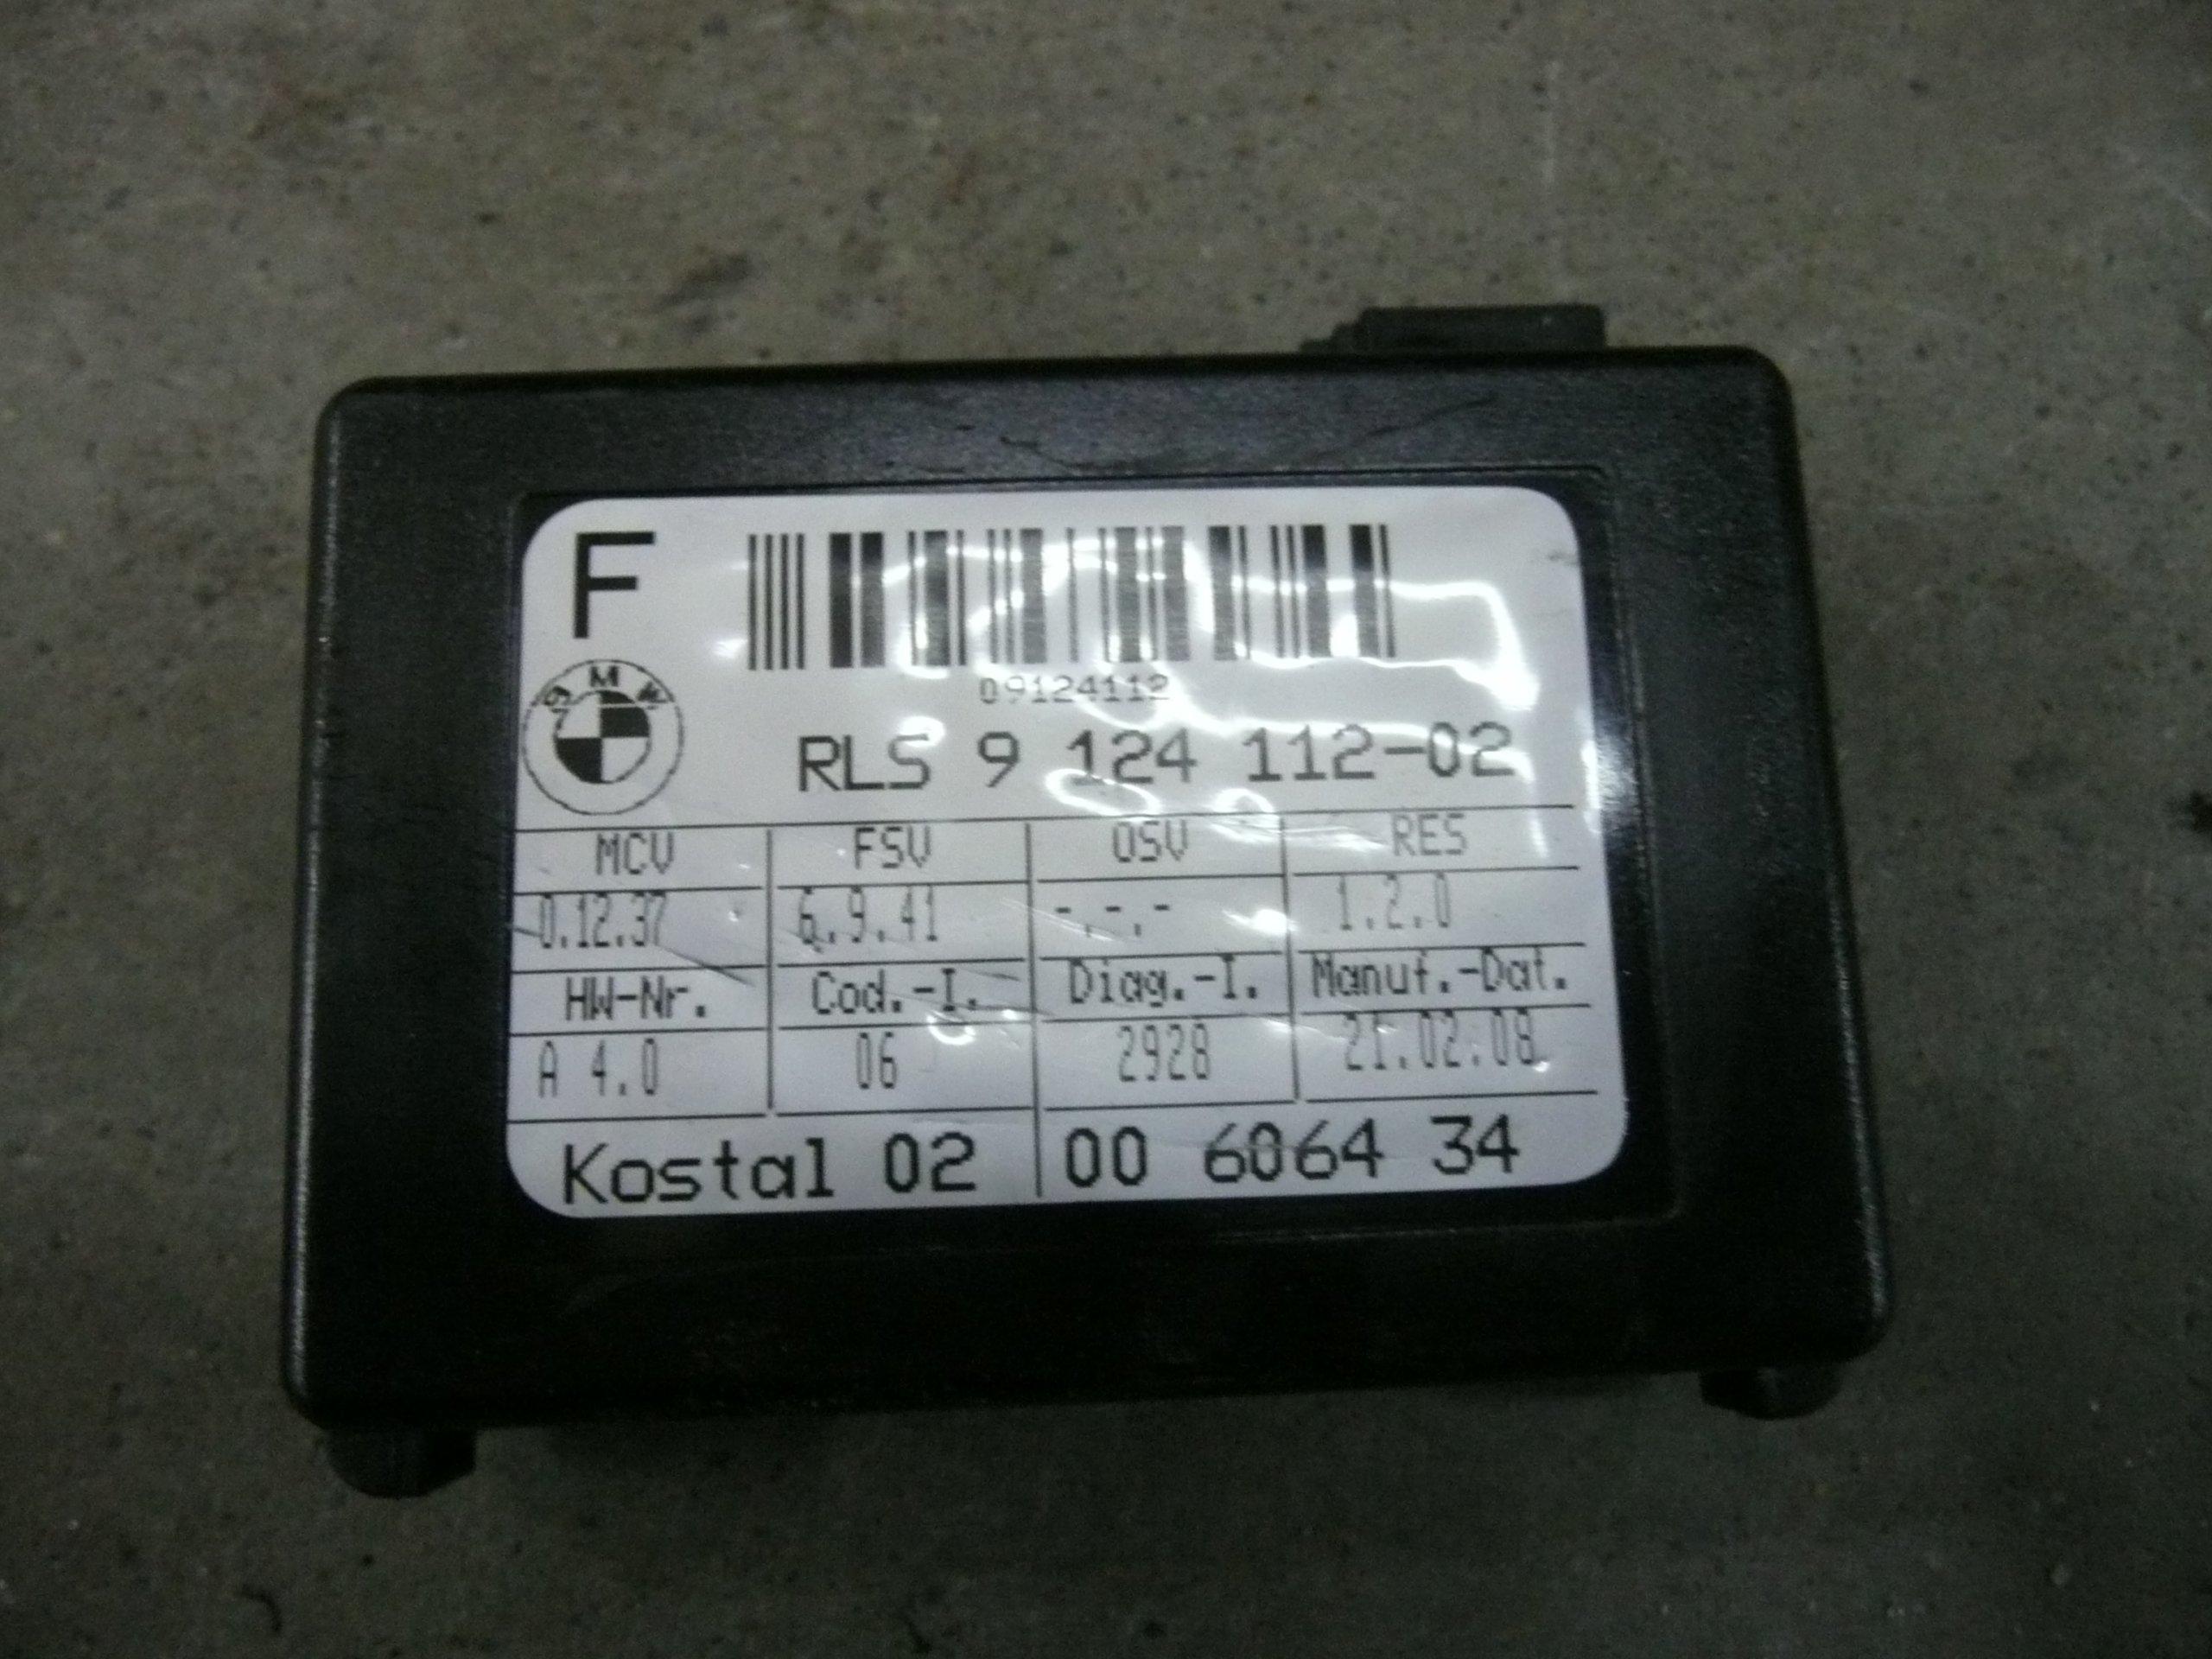 bmw e91 e92 e93 датчик дождь 9124112